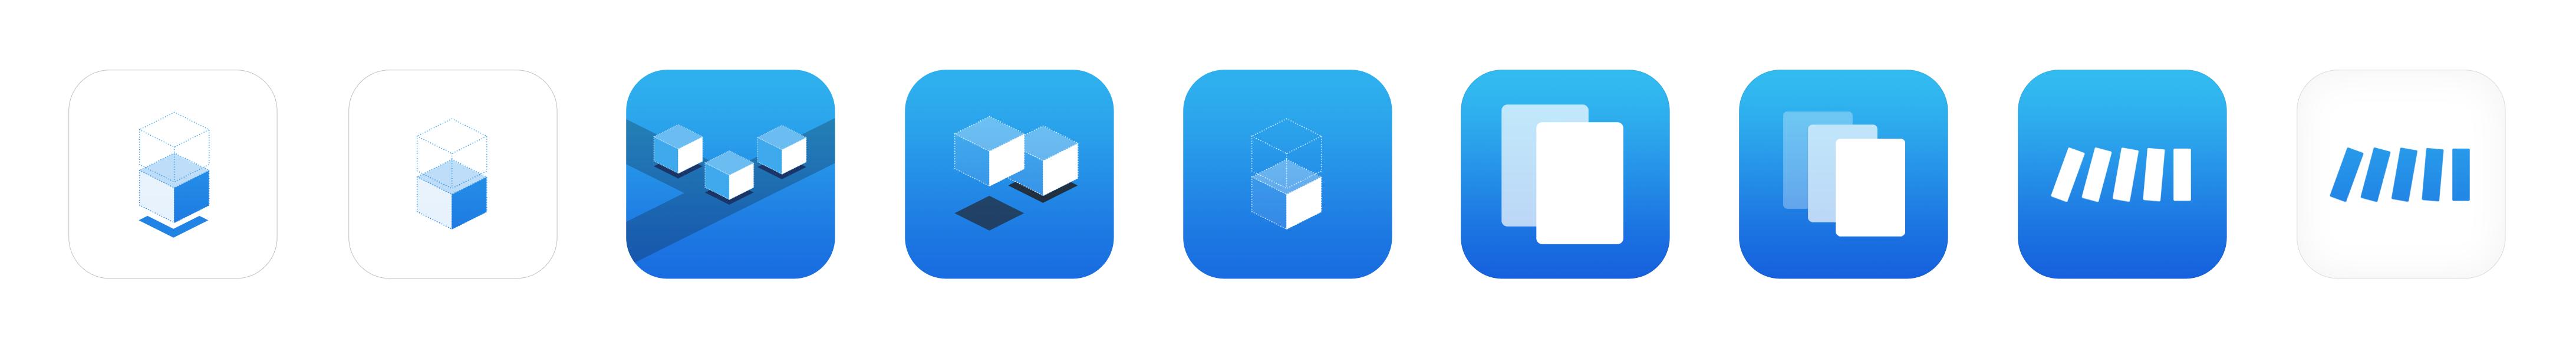 Логотип / иконка сервиса управления проектами / задачами фото f_03159777a73b6e9c.png